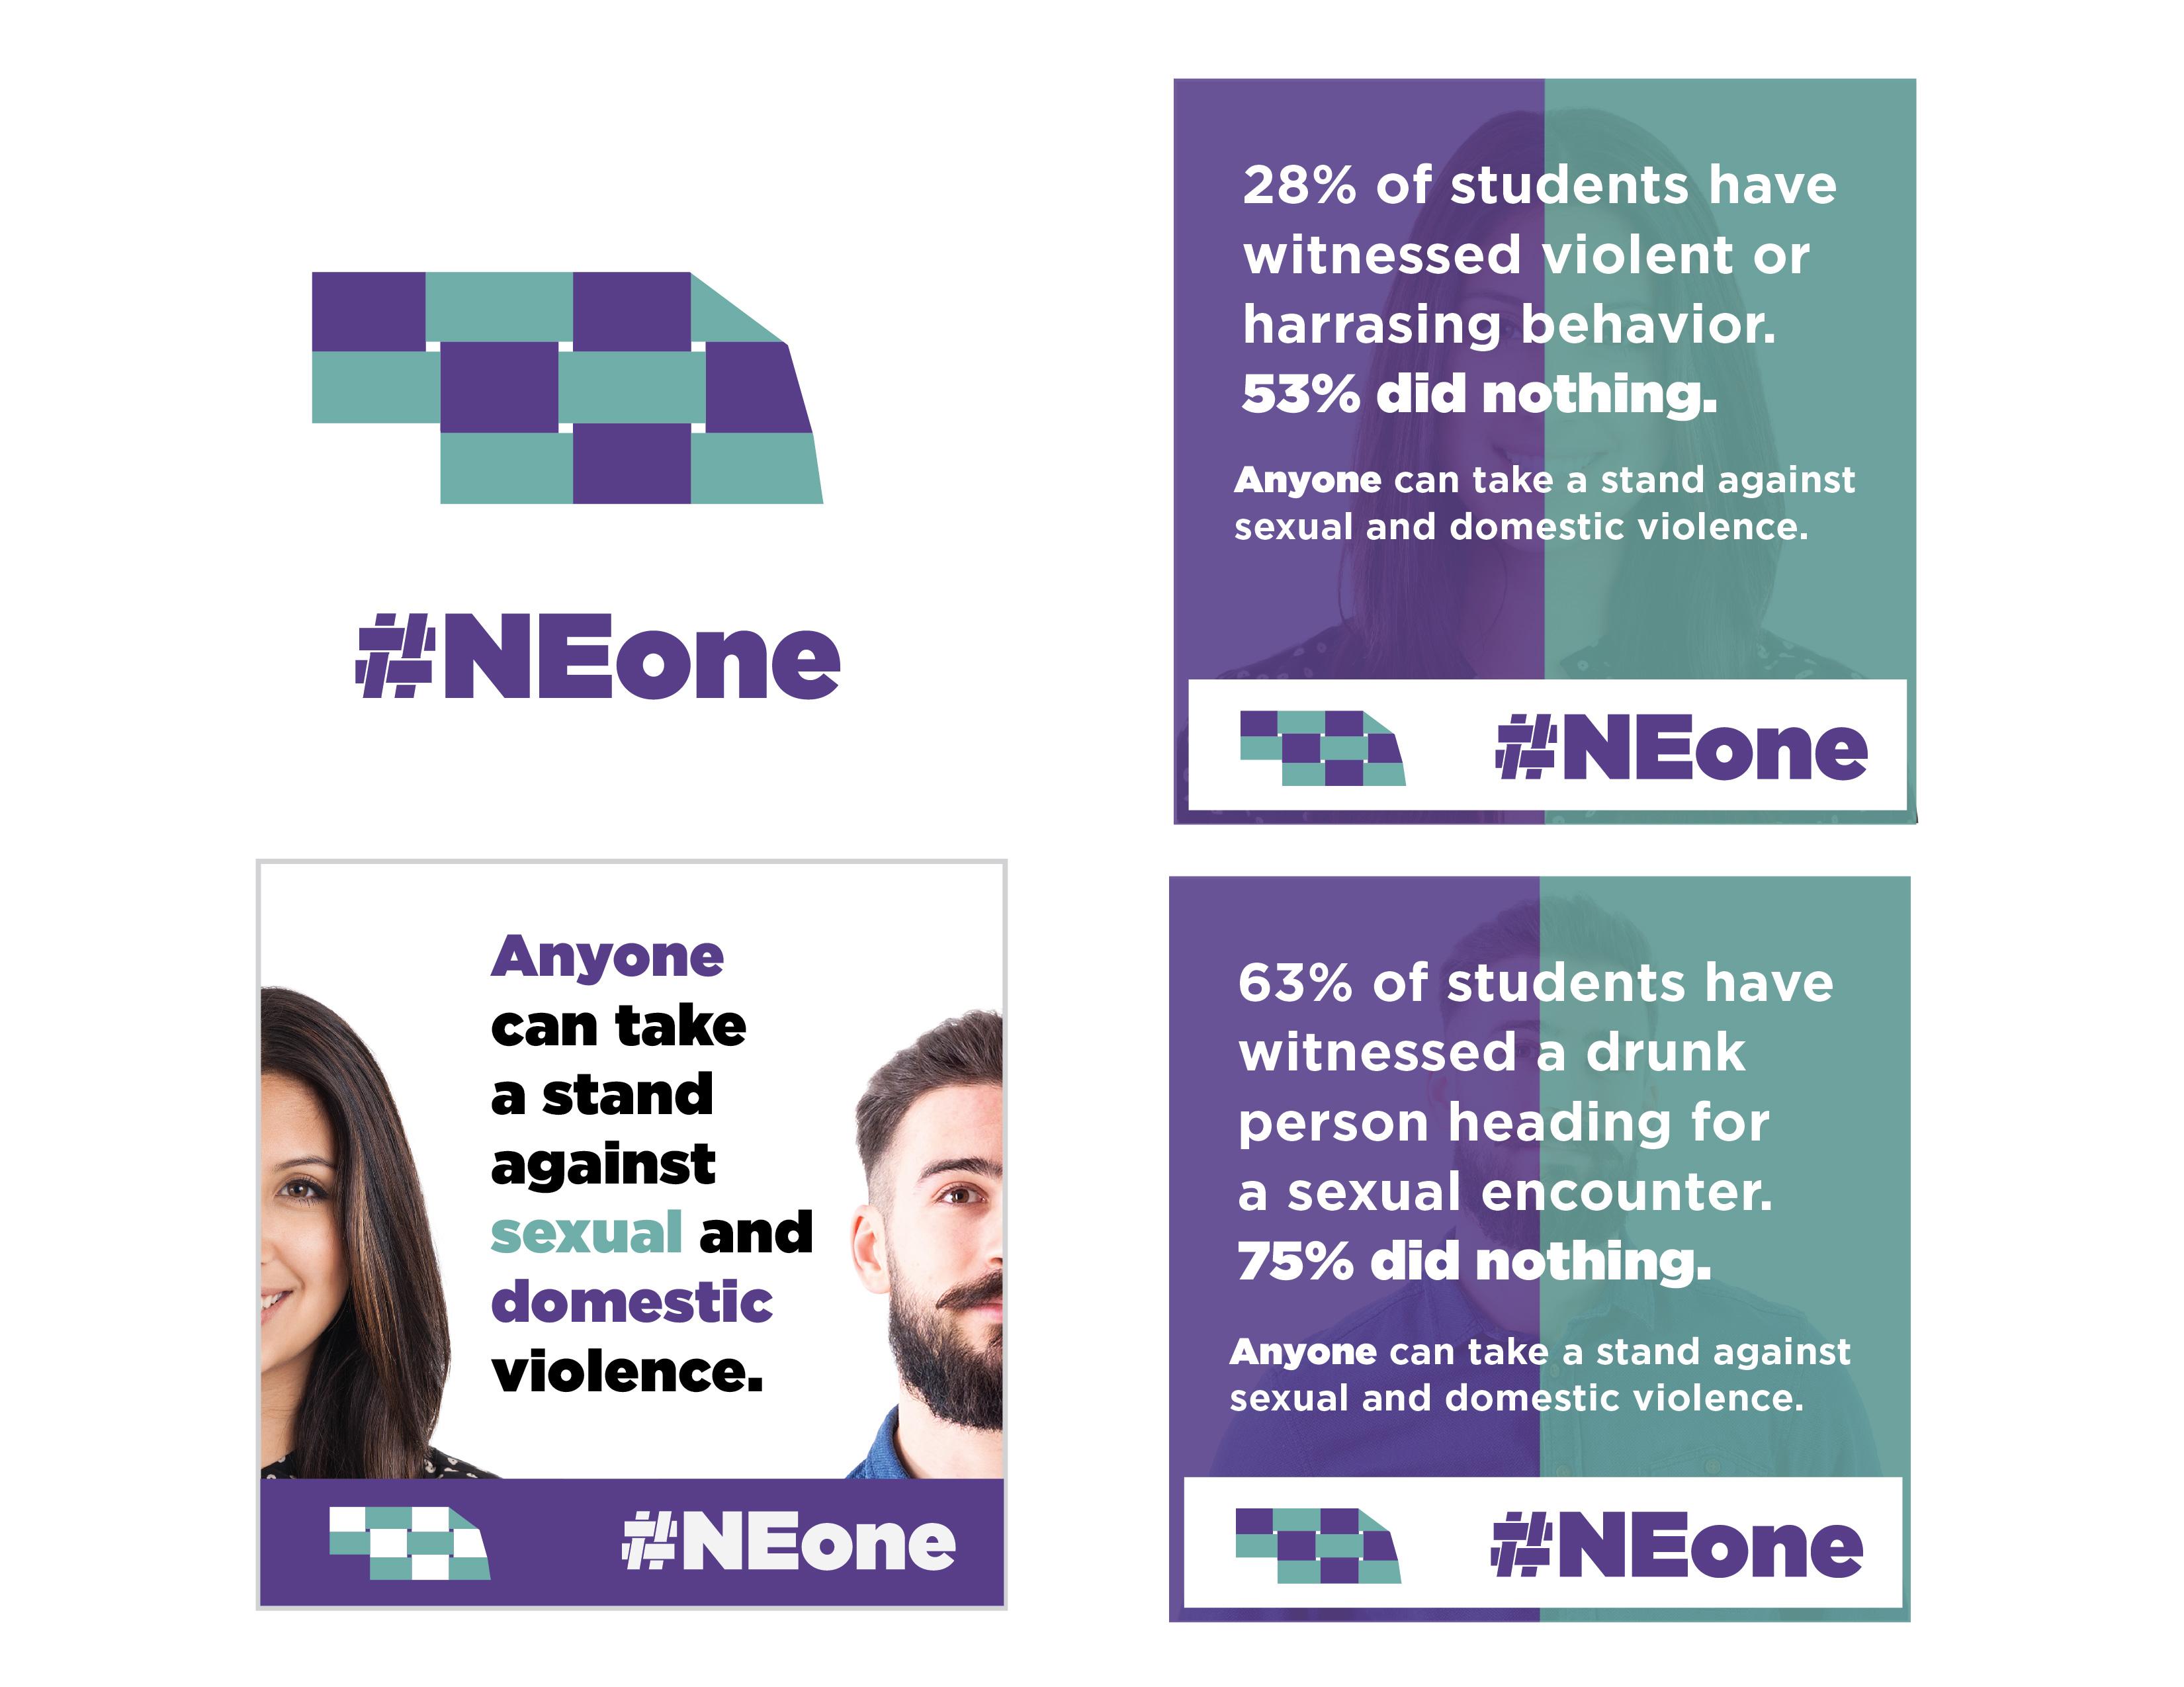 #NEone